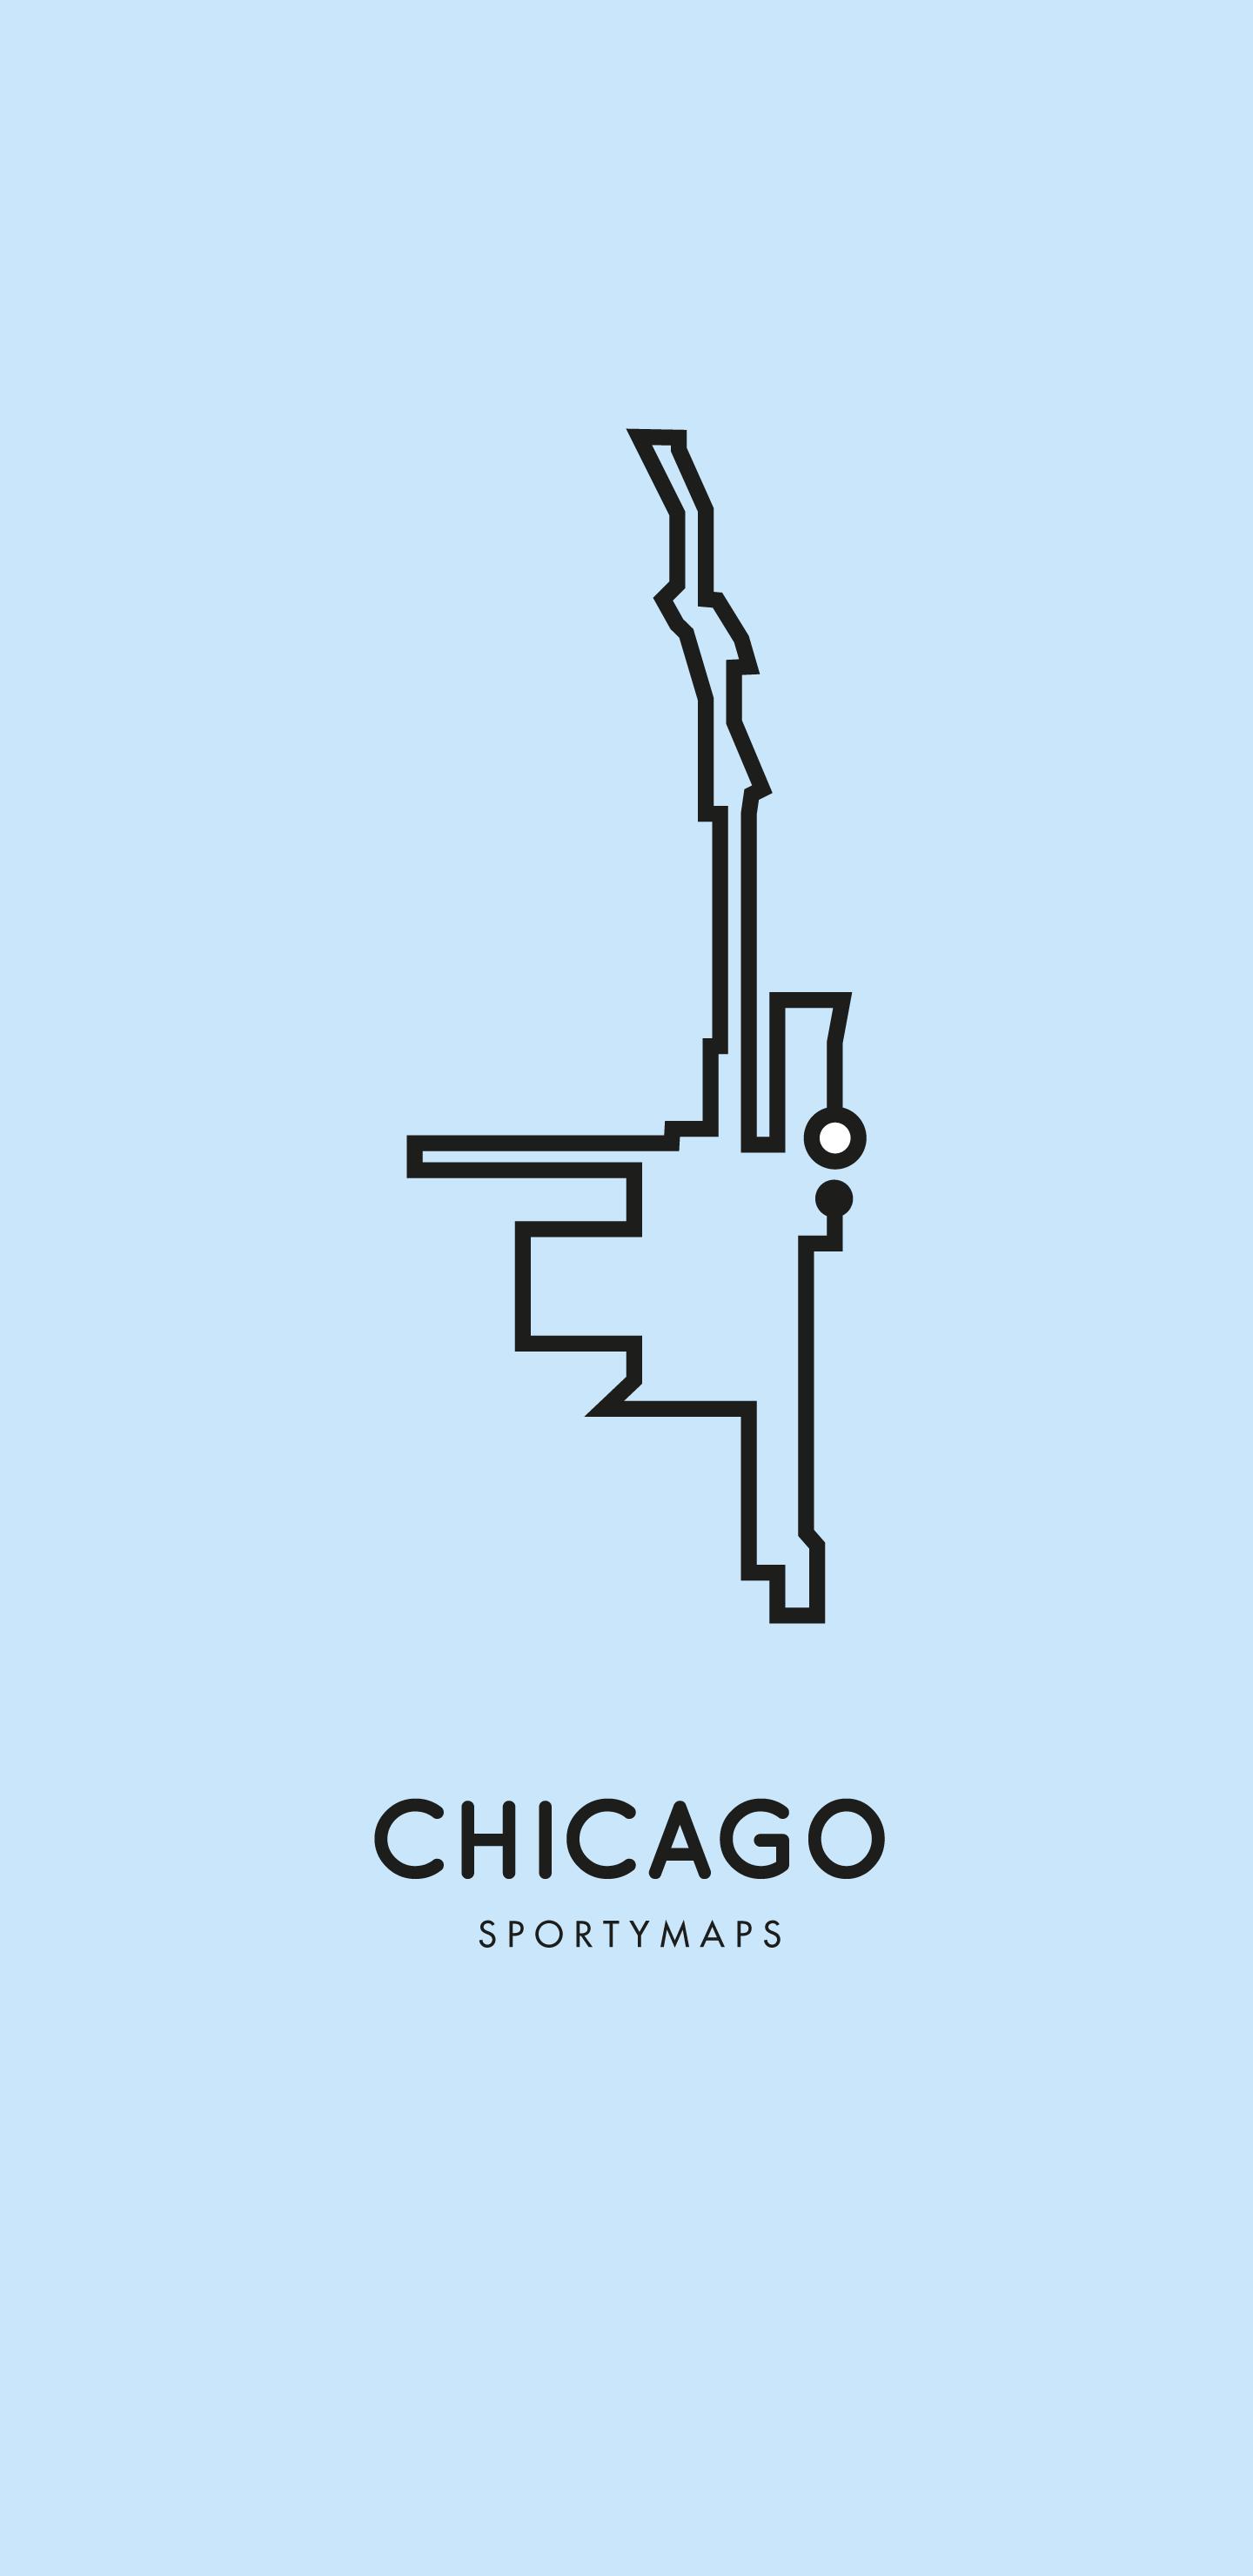 Sportymaps-Chicago-marathon-blue